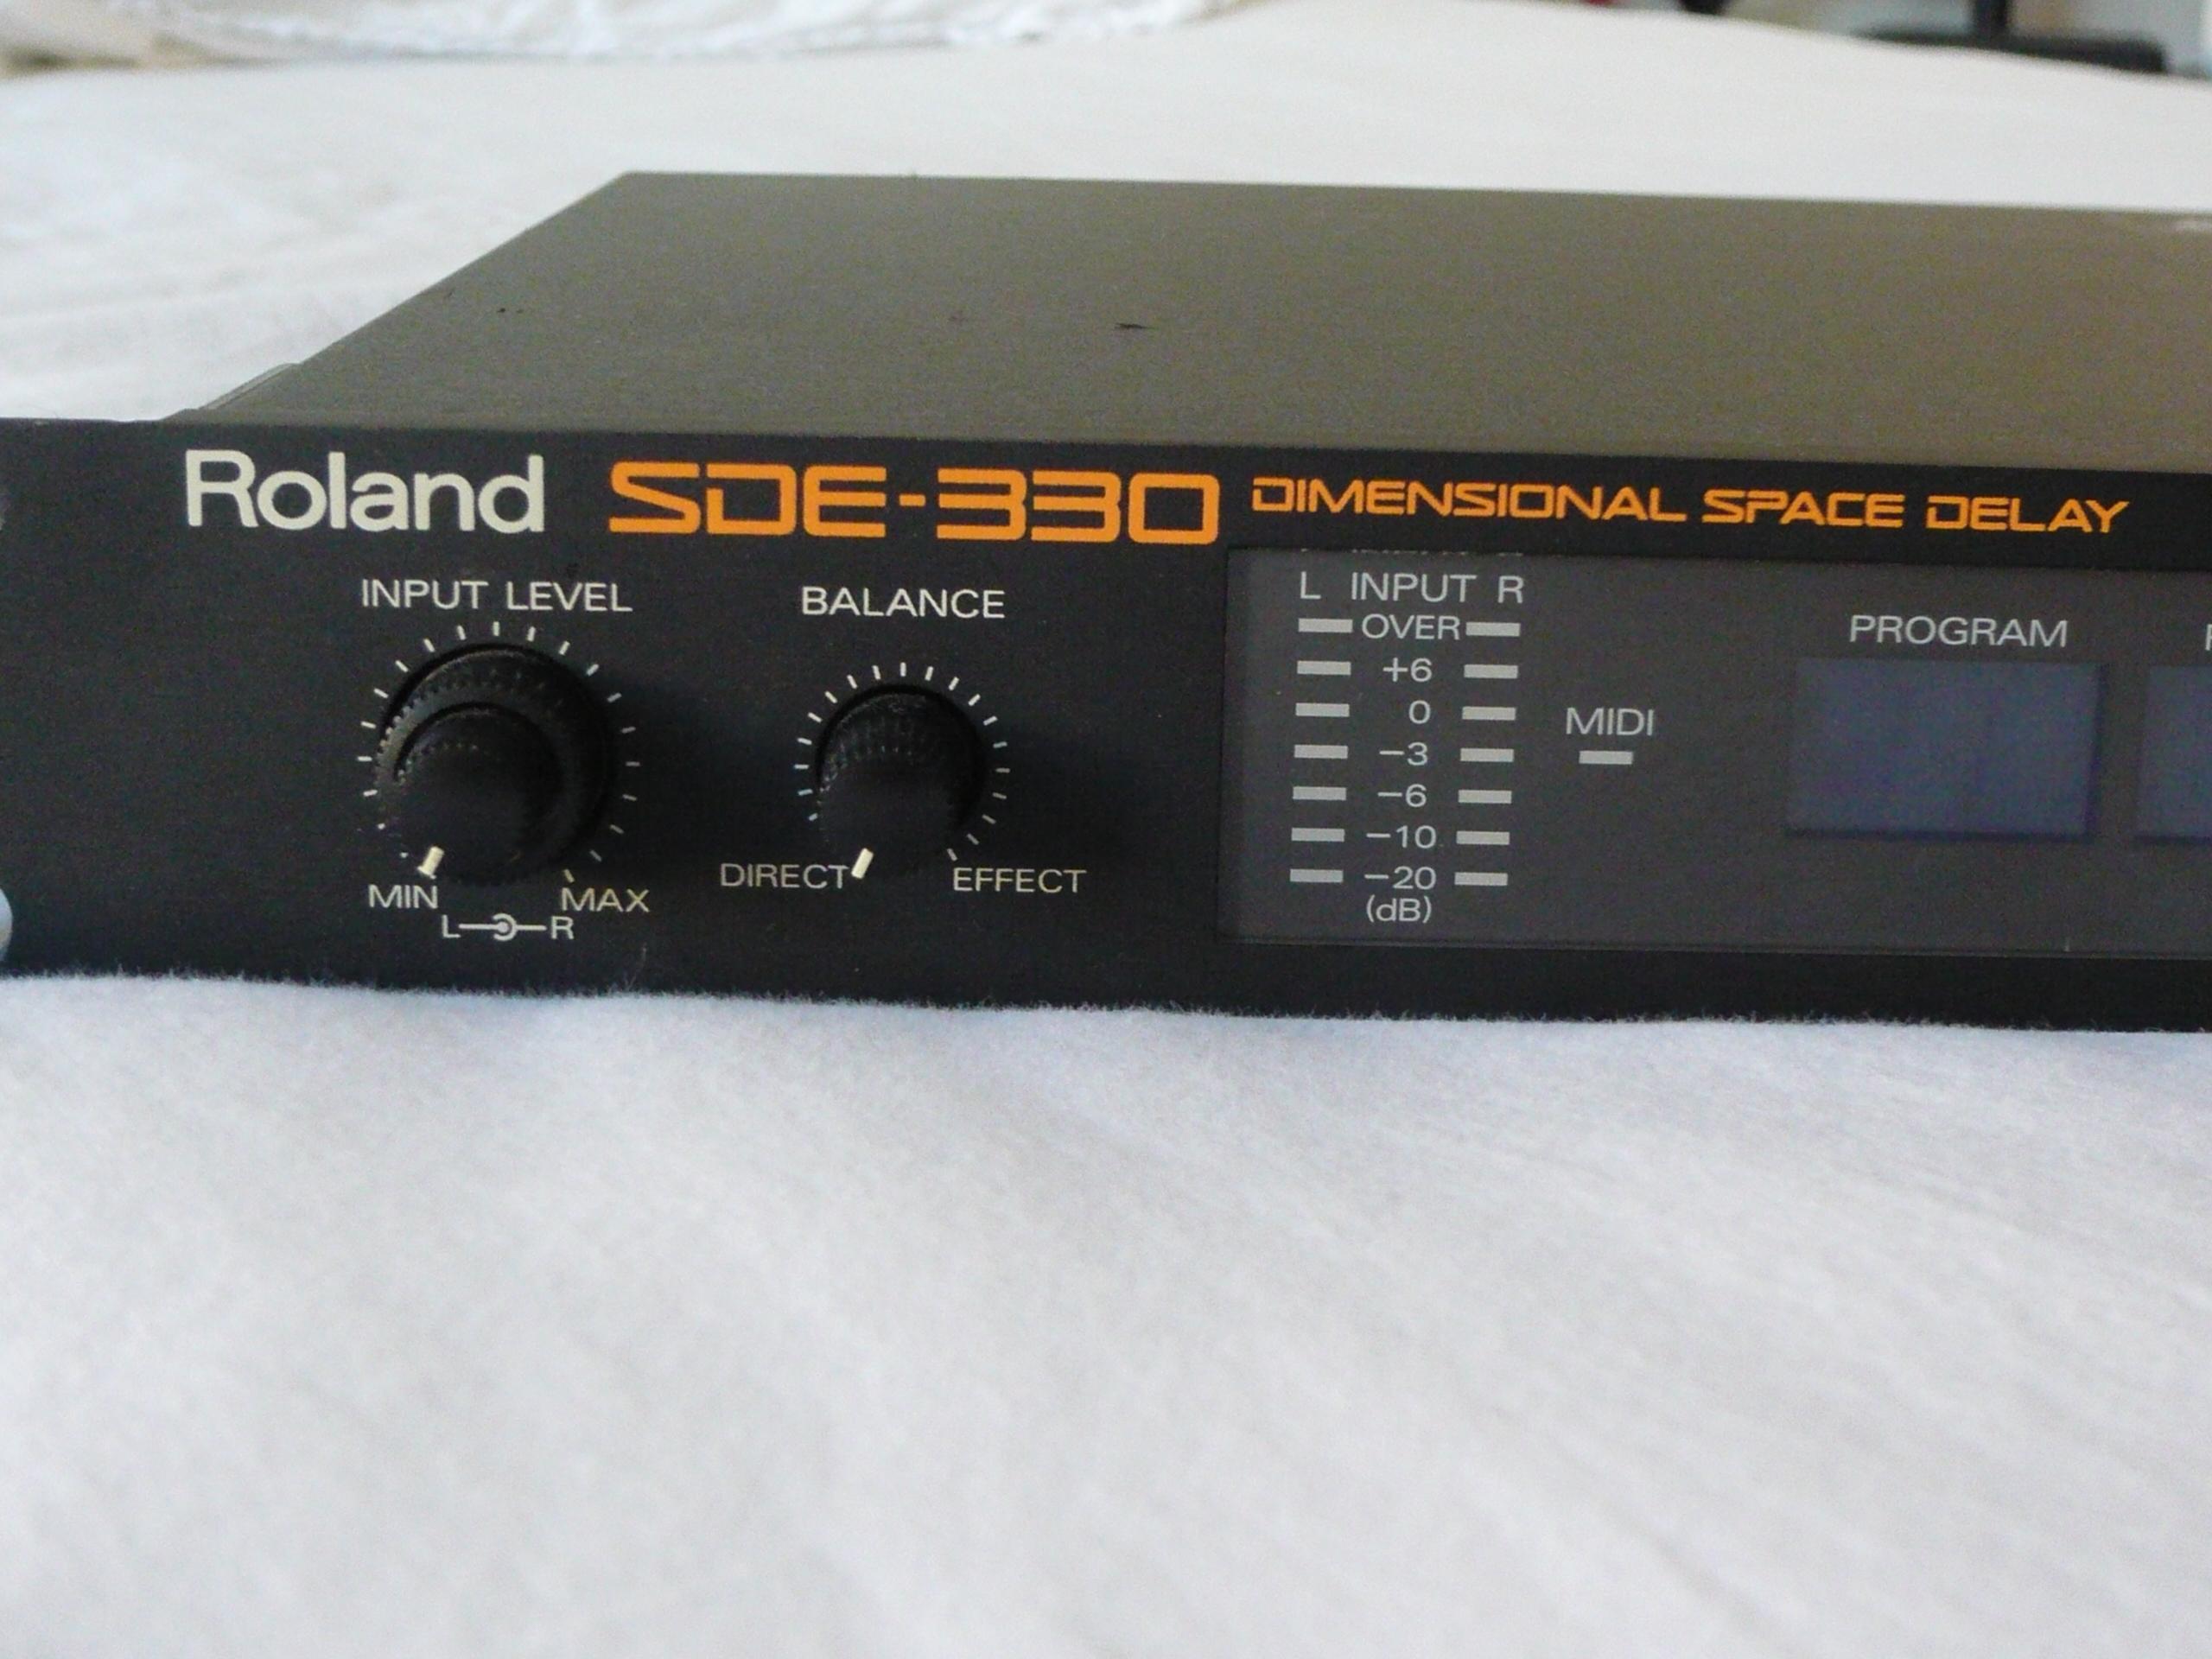 roland sde 330 image 931827 audiofanzine rh en audiofanzine com Roland BA-330 Review roland sdx 330 manual